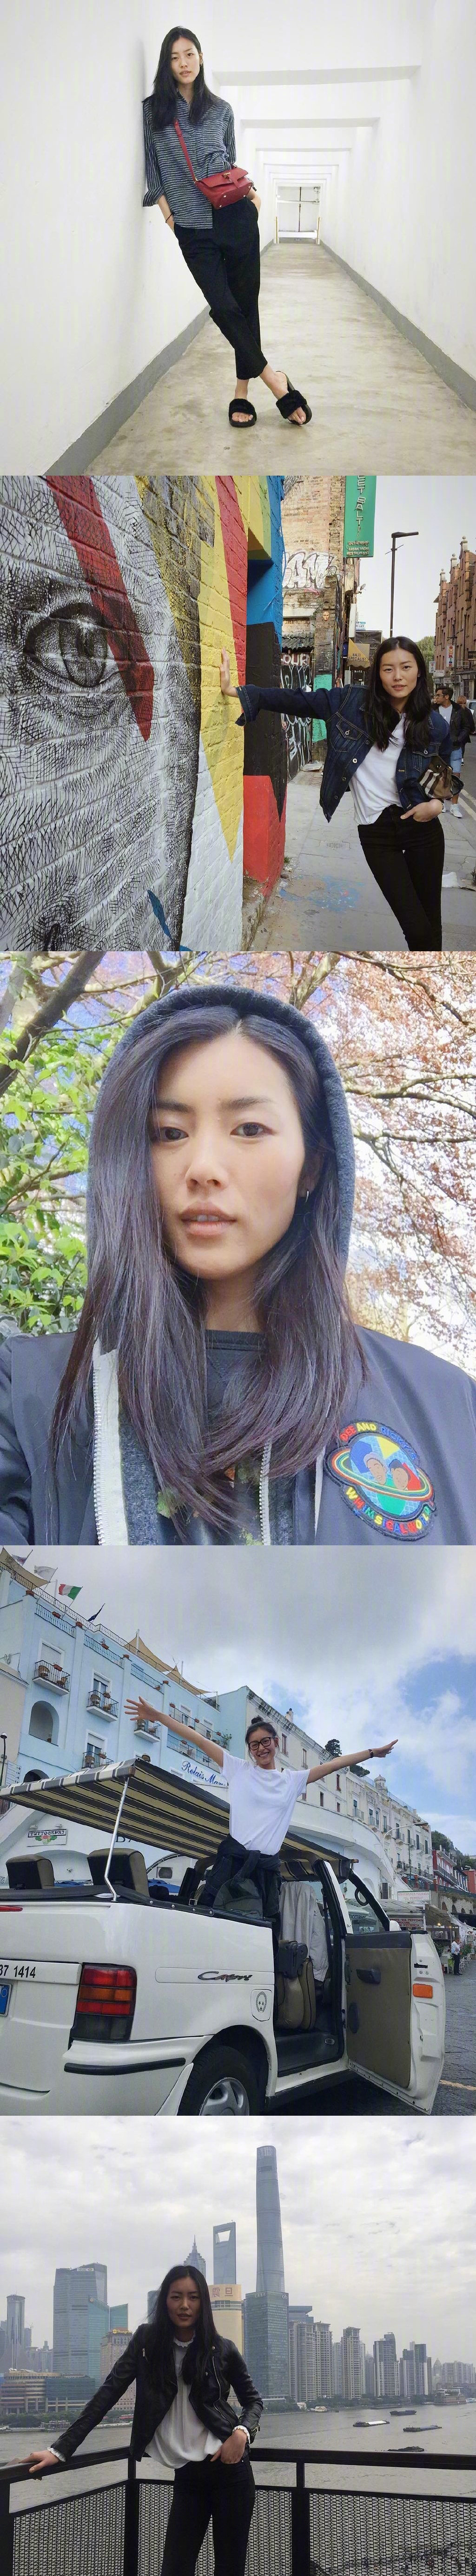 刘雯私服 大表姐真的是行走的衣架,还有超爱她治愈系的笑容